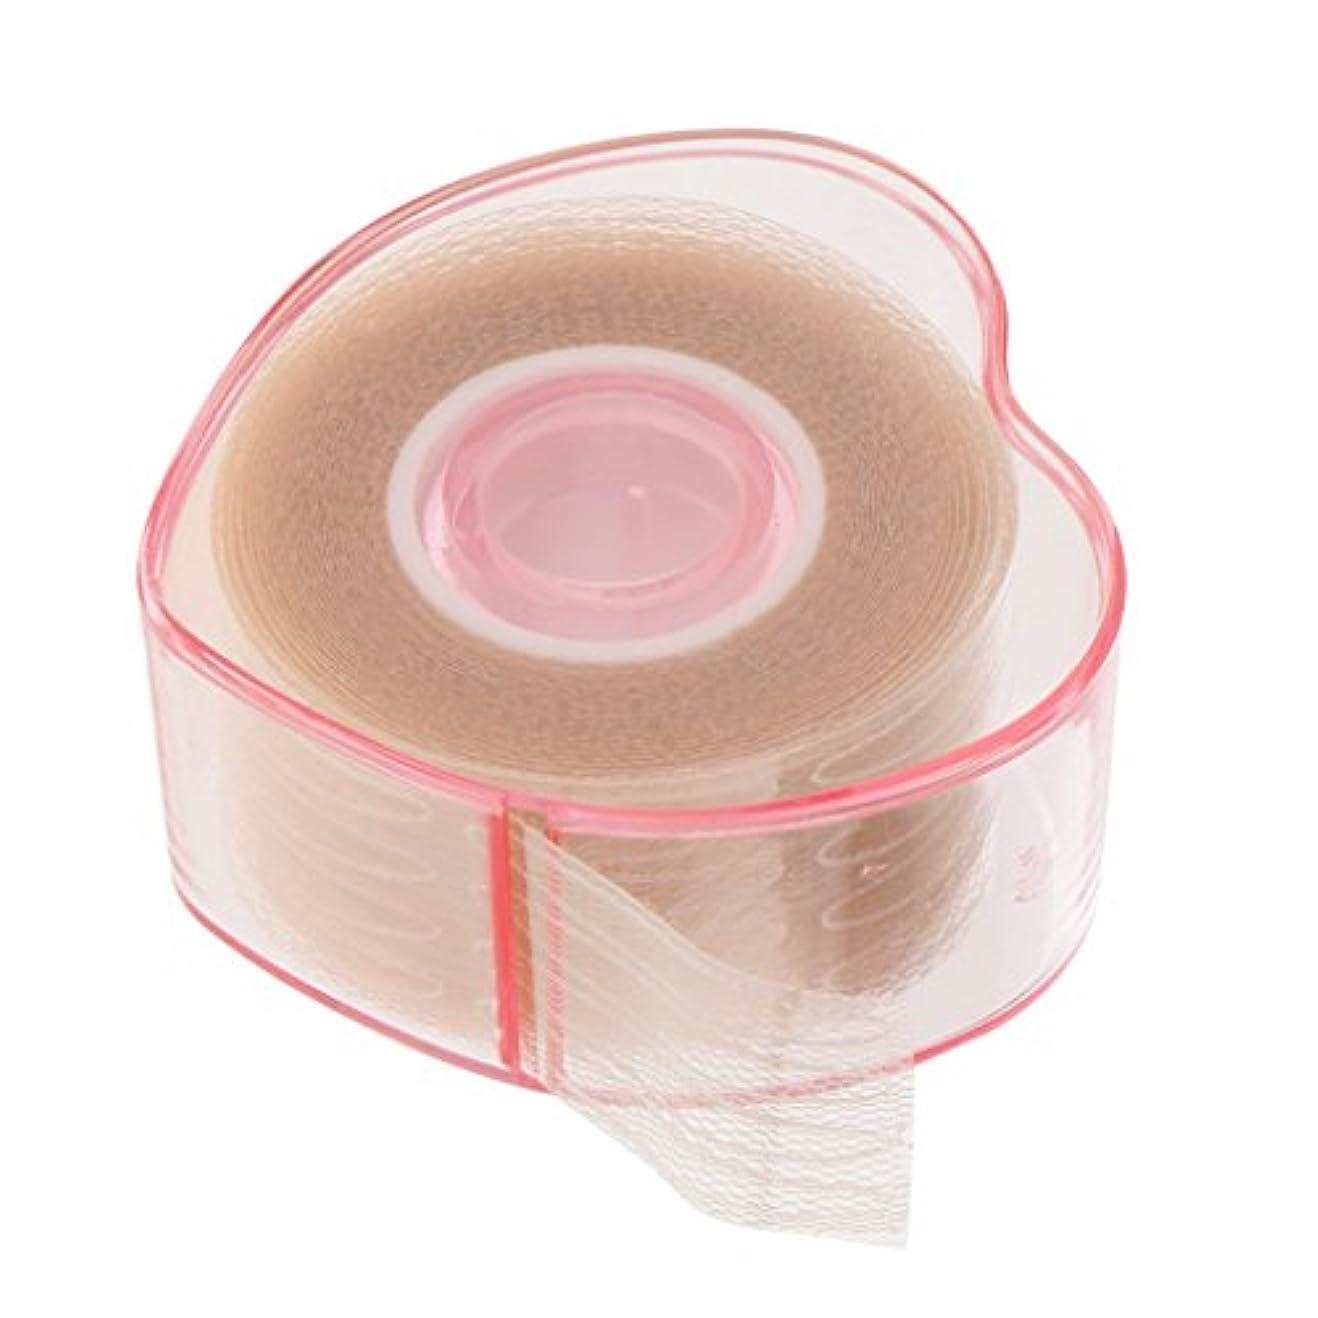 不可能な恒久的共役まつ毛テープ まつ毛ロール 繊維 二重まぶた リフトストリップ ステッカー 粘着性なし 4タイプ選べる - 図示のように, 説明したように